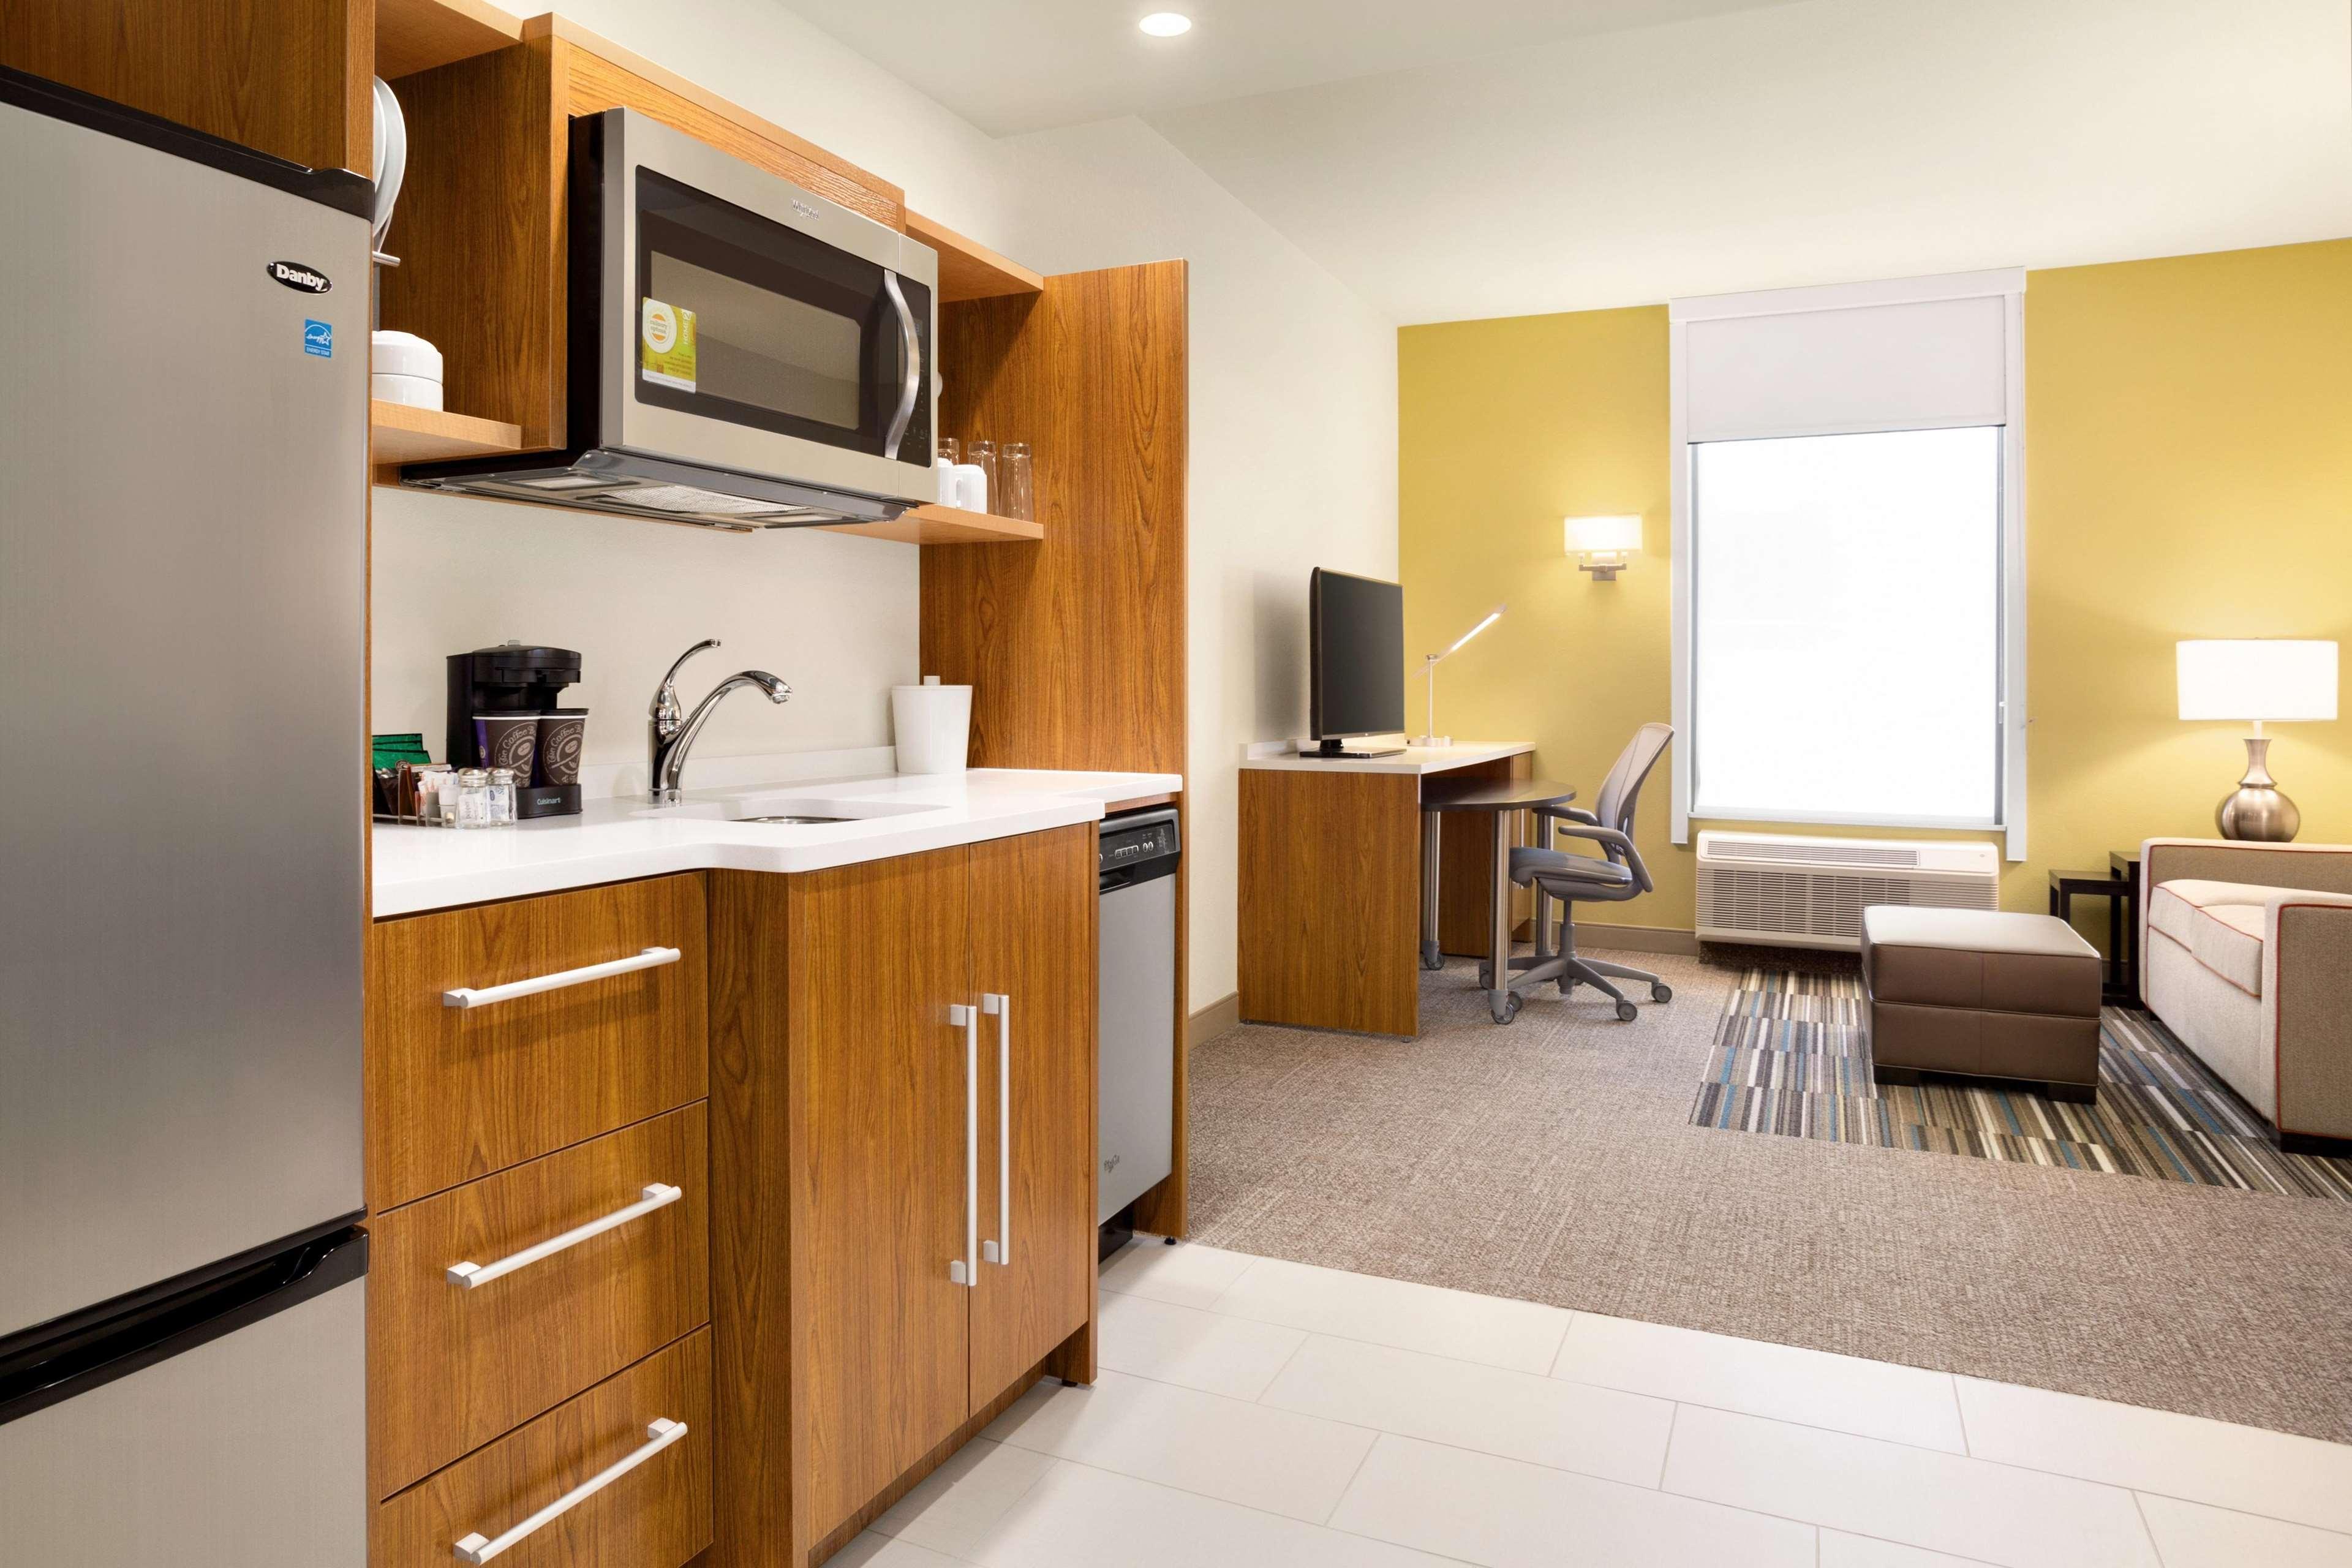 Home2 Suites by Hilton Birmingham Downtown image 18